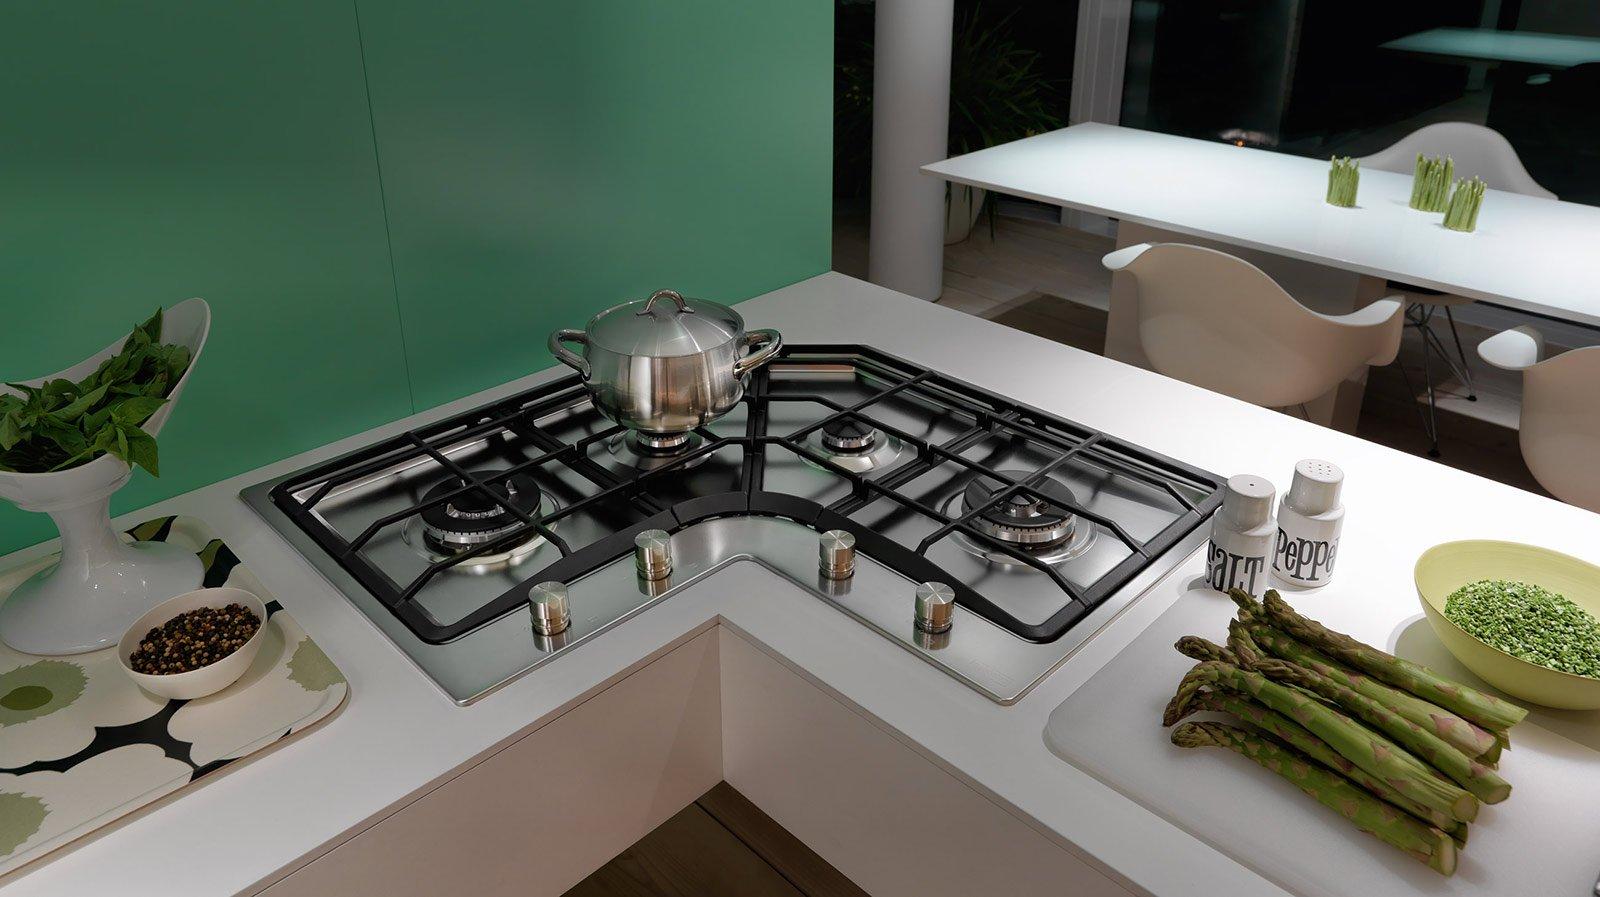 Cucina le soluzioni per l angolo cose di casa for Cucine pertinger